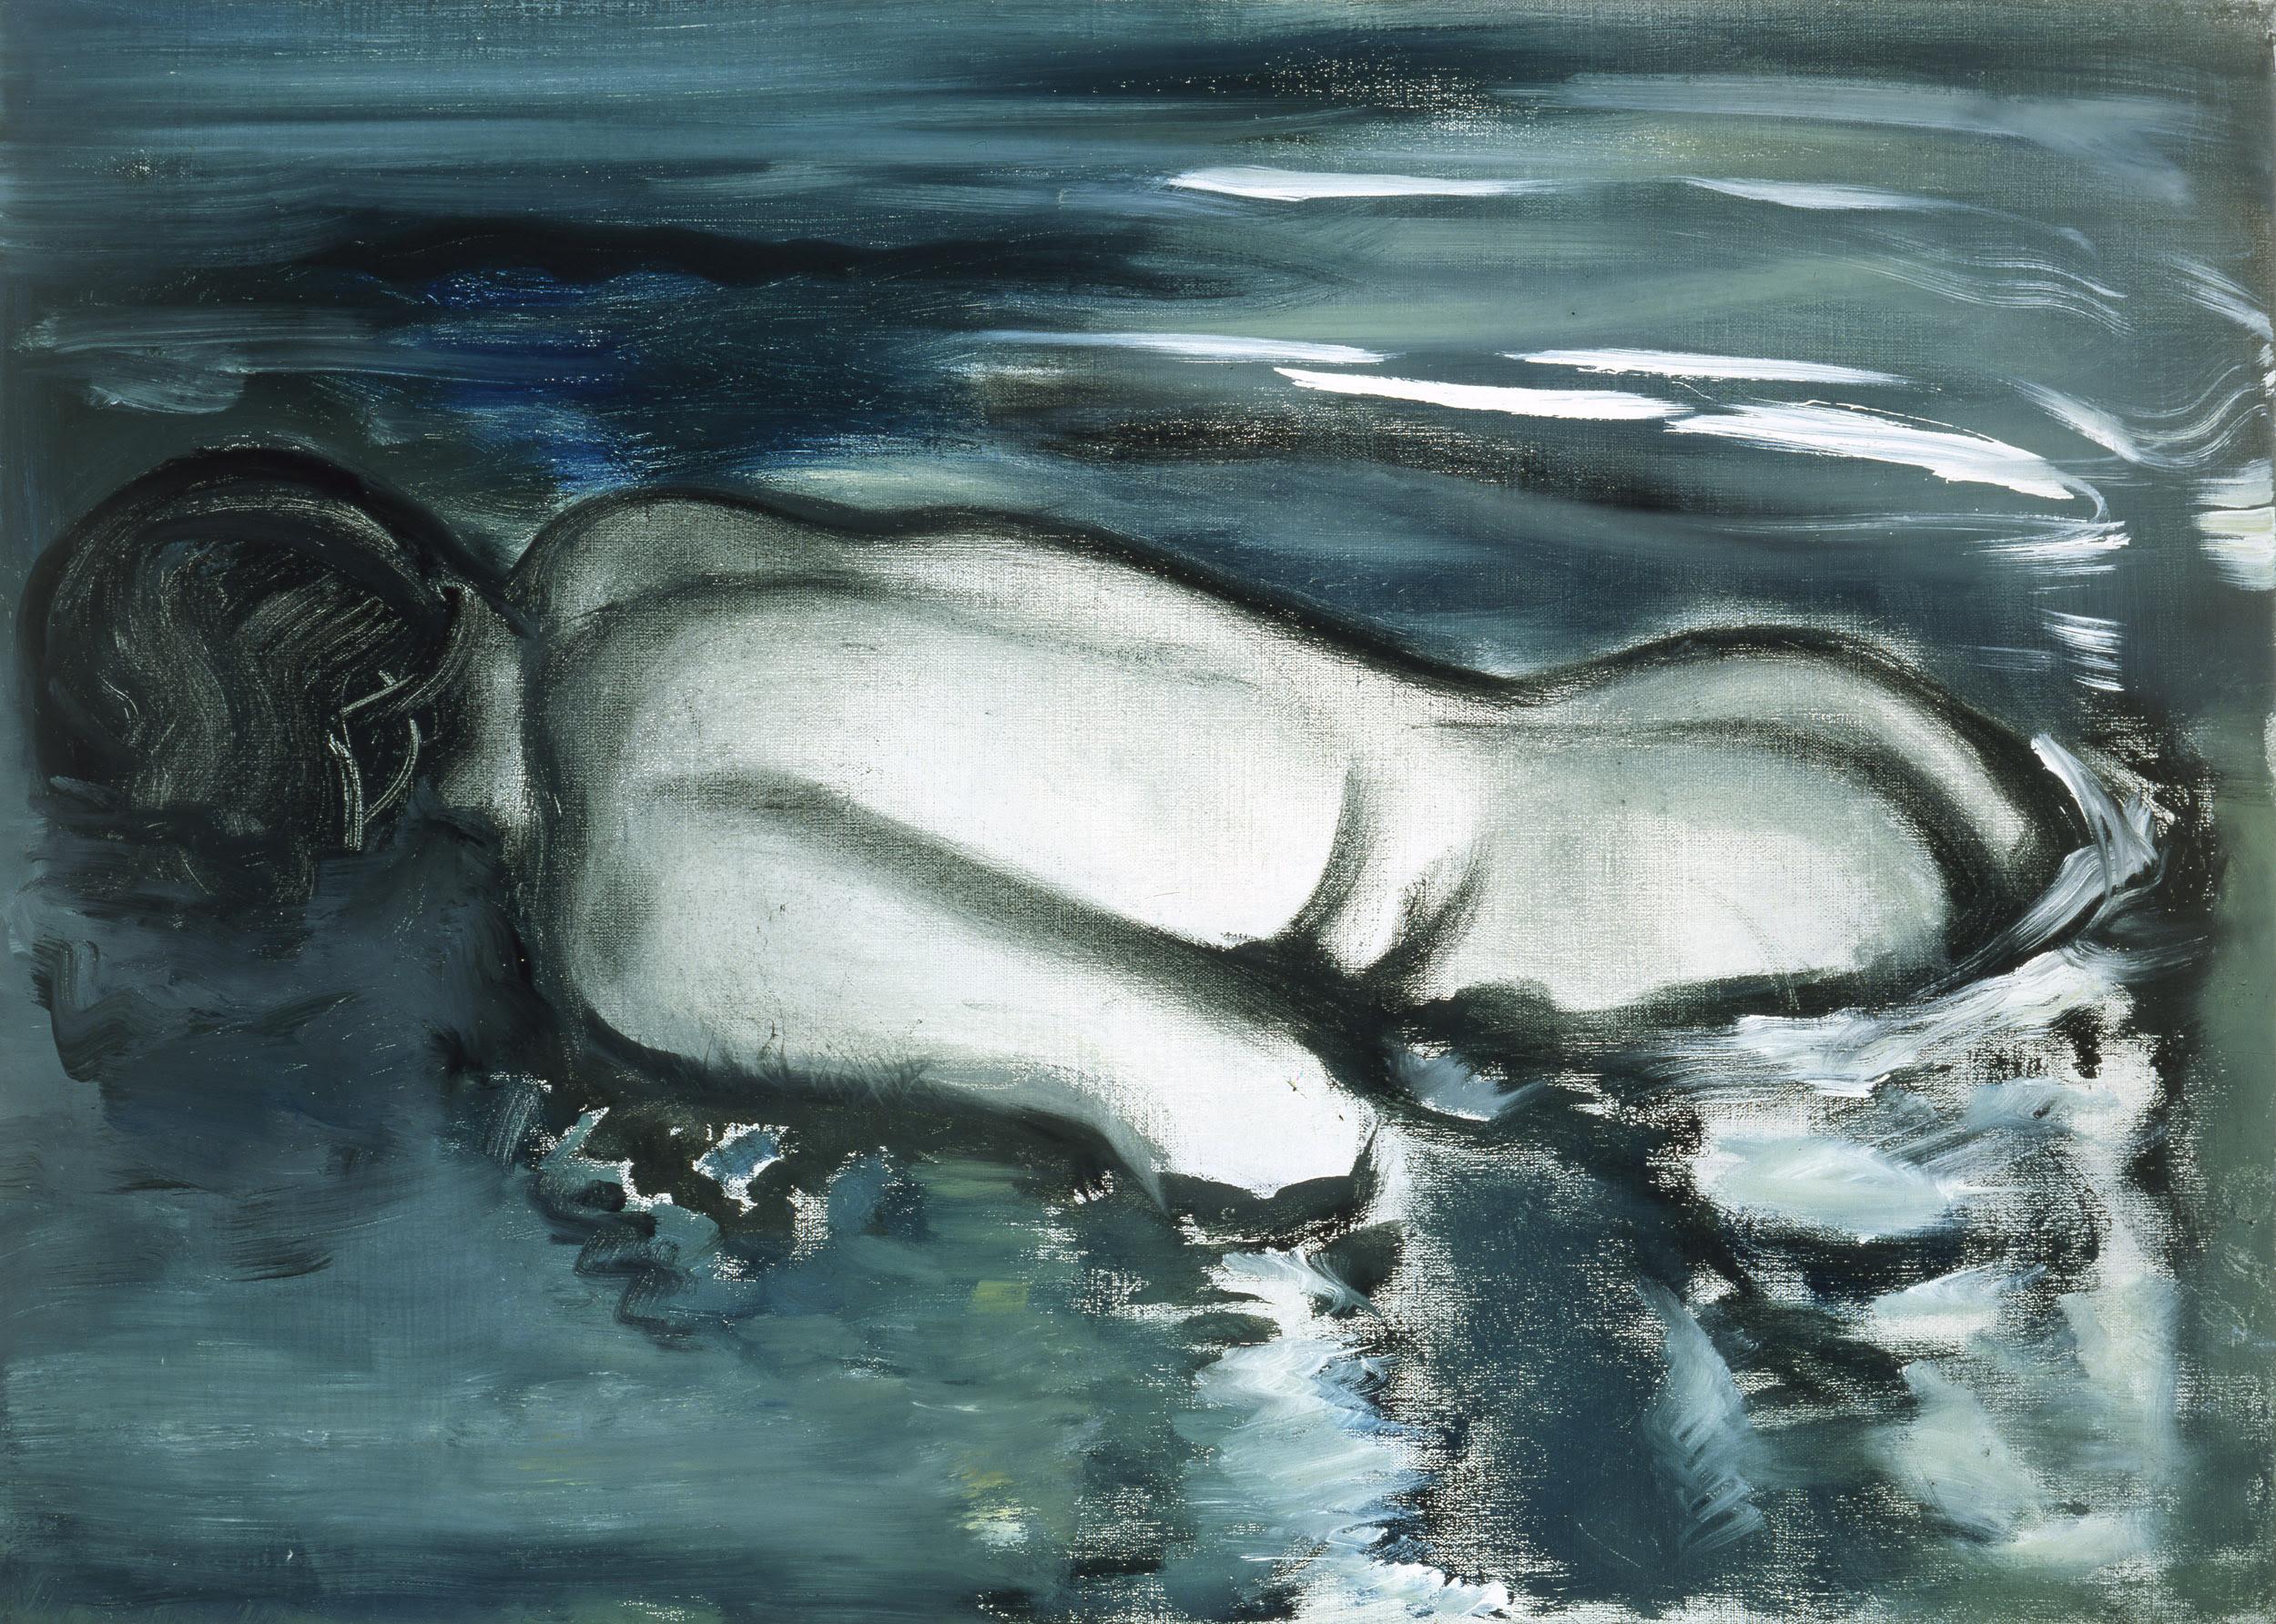 Dalla disperazione all'estasi. Palazzo Grassi mette in scena i ritratti di Marlene Dumas